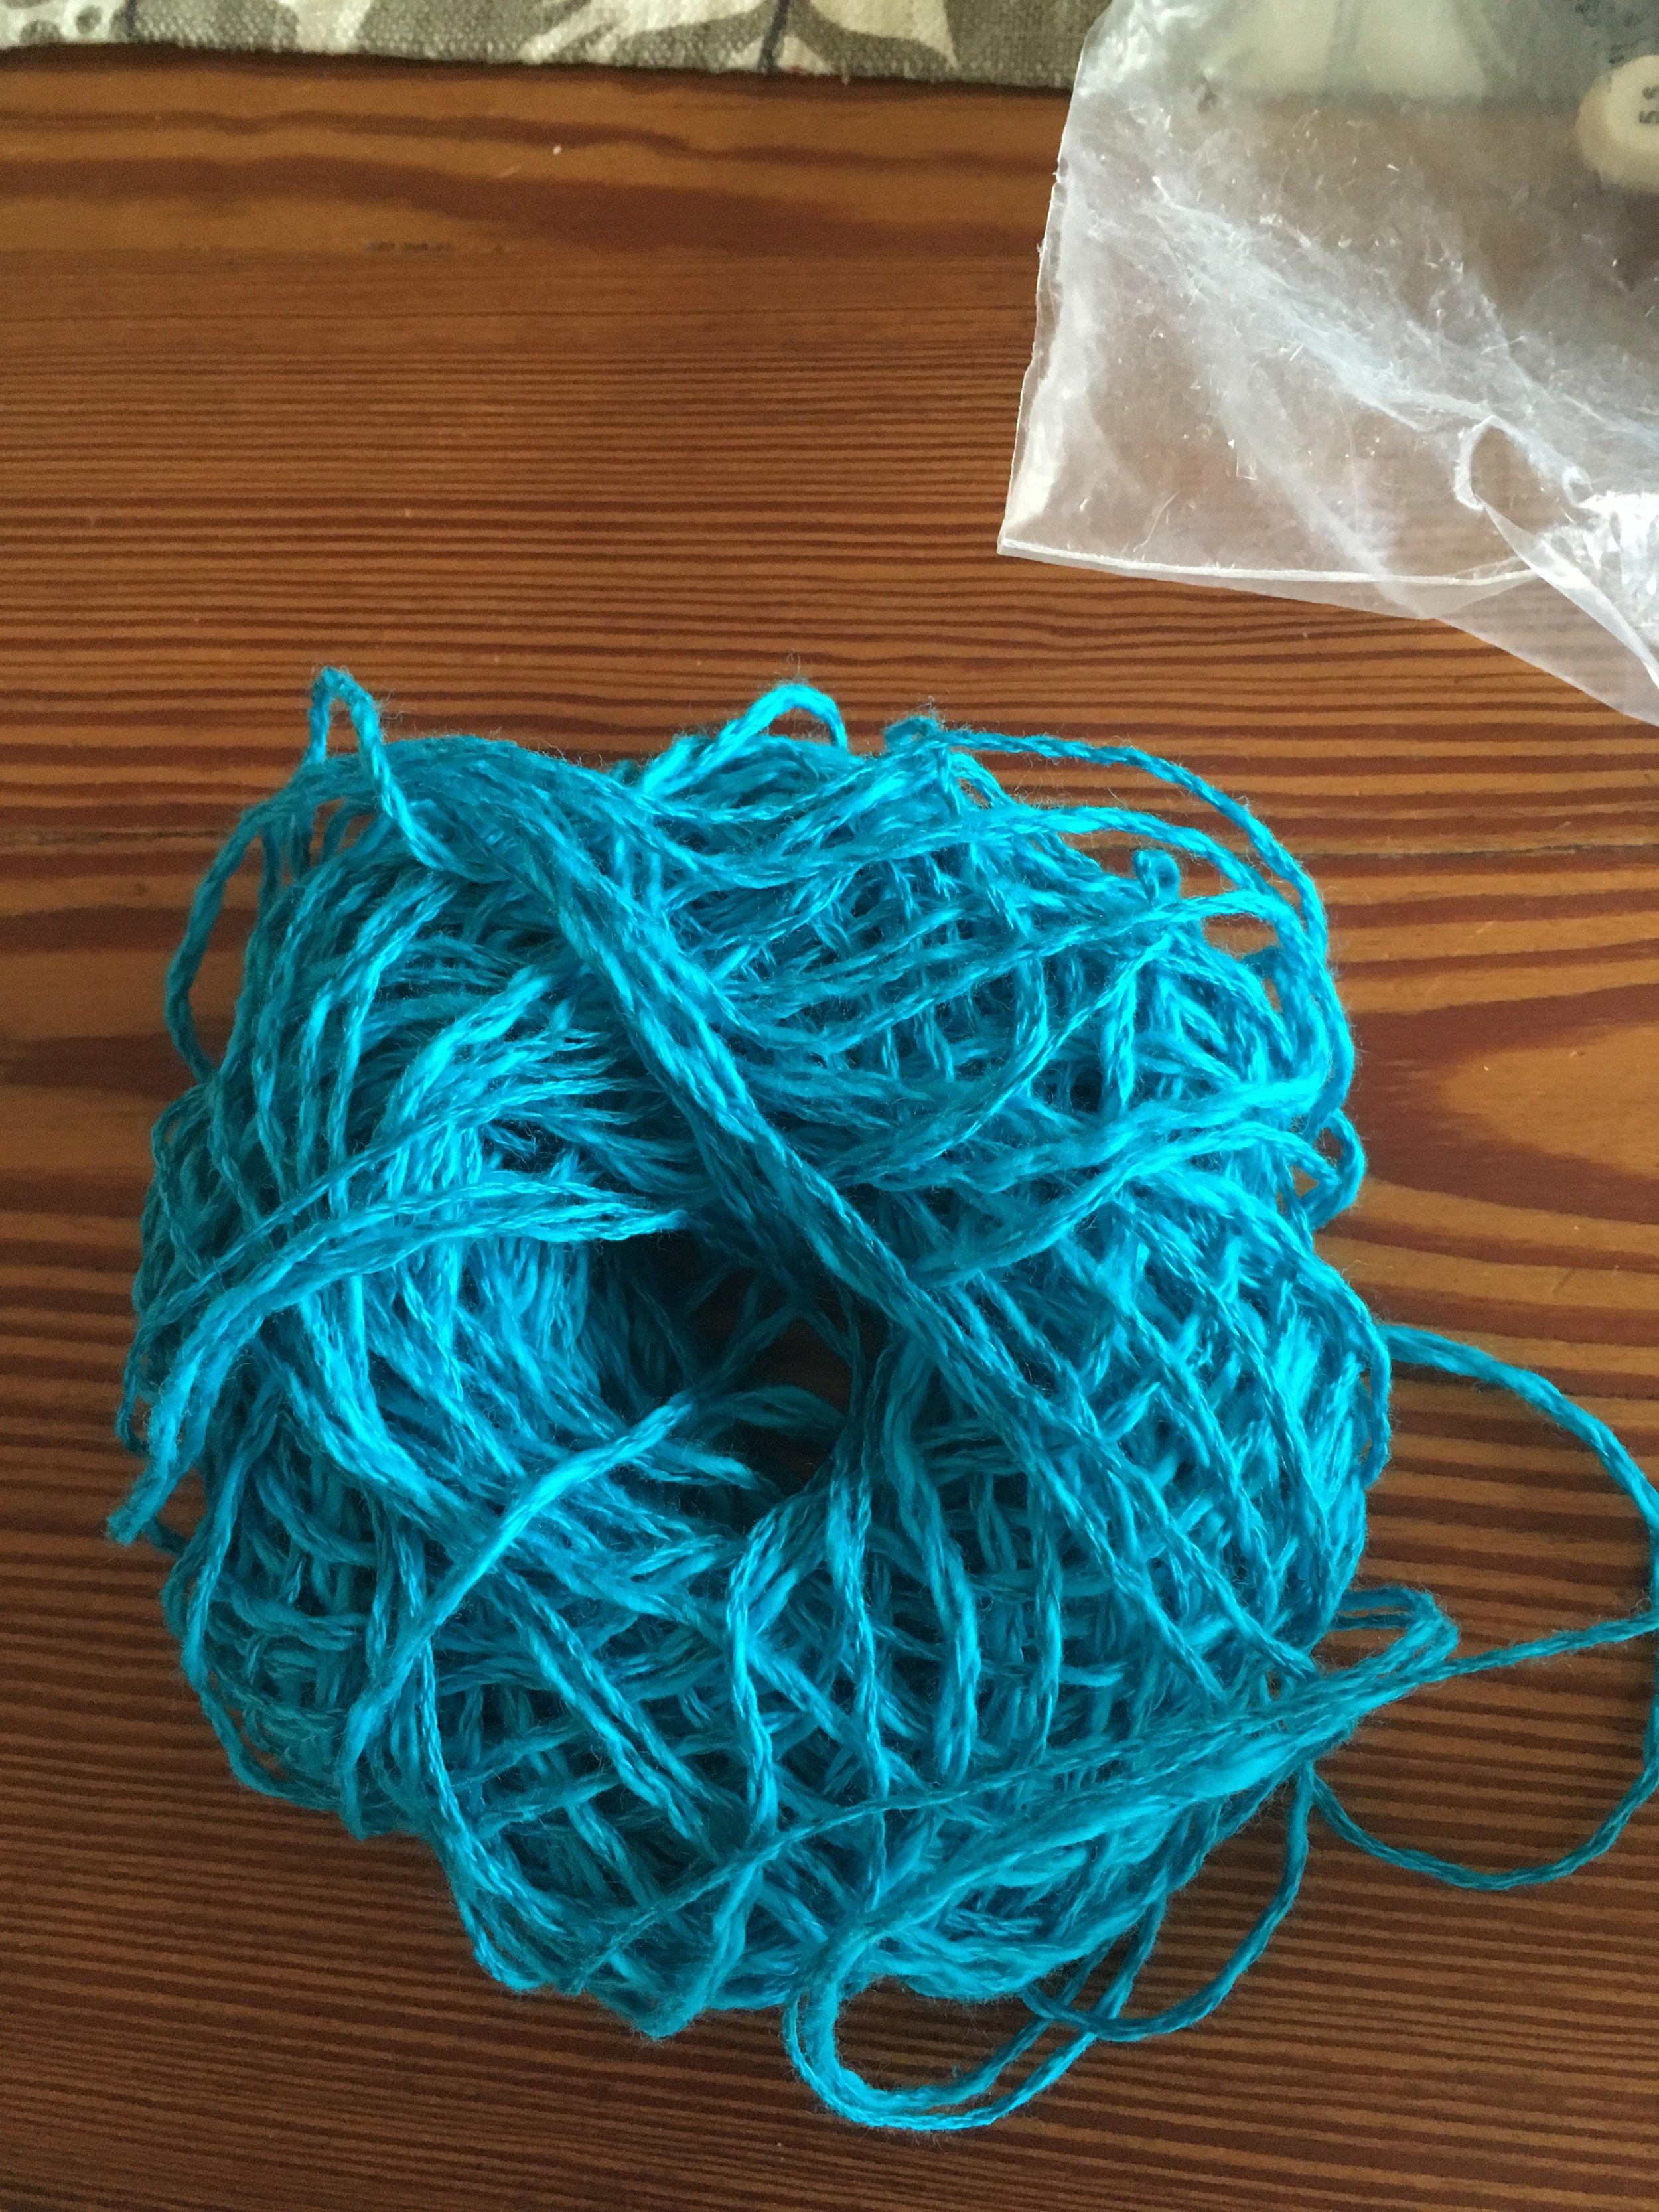 Following dwindling yarn for my respite...